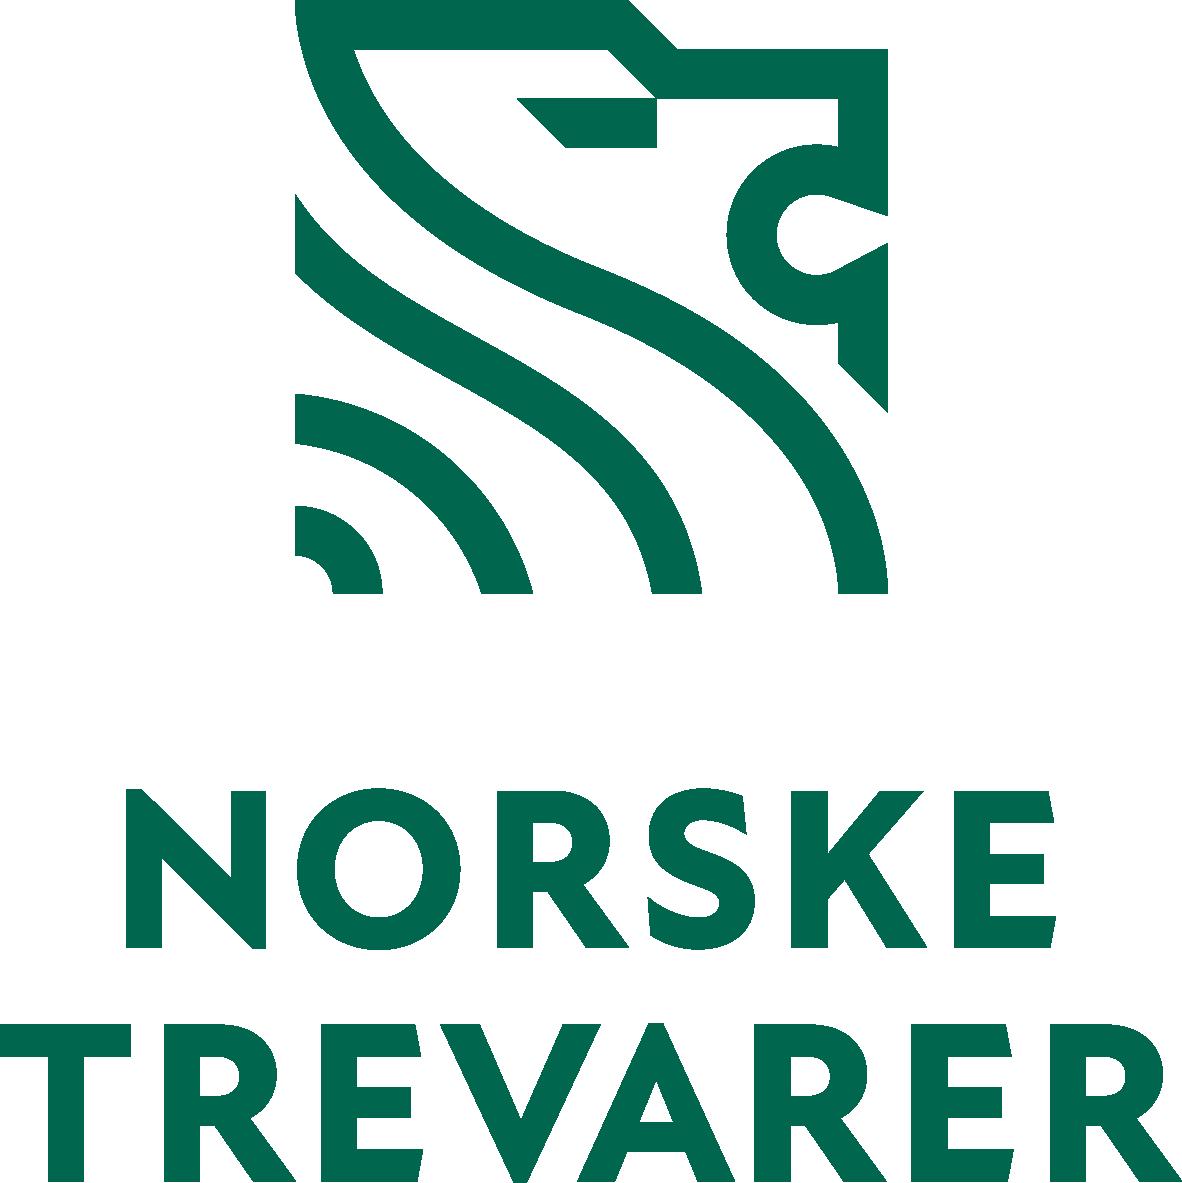 Norske Trevarer's logo.